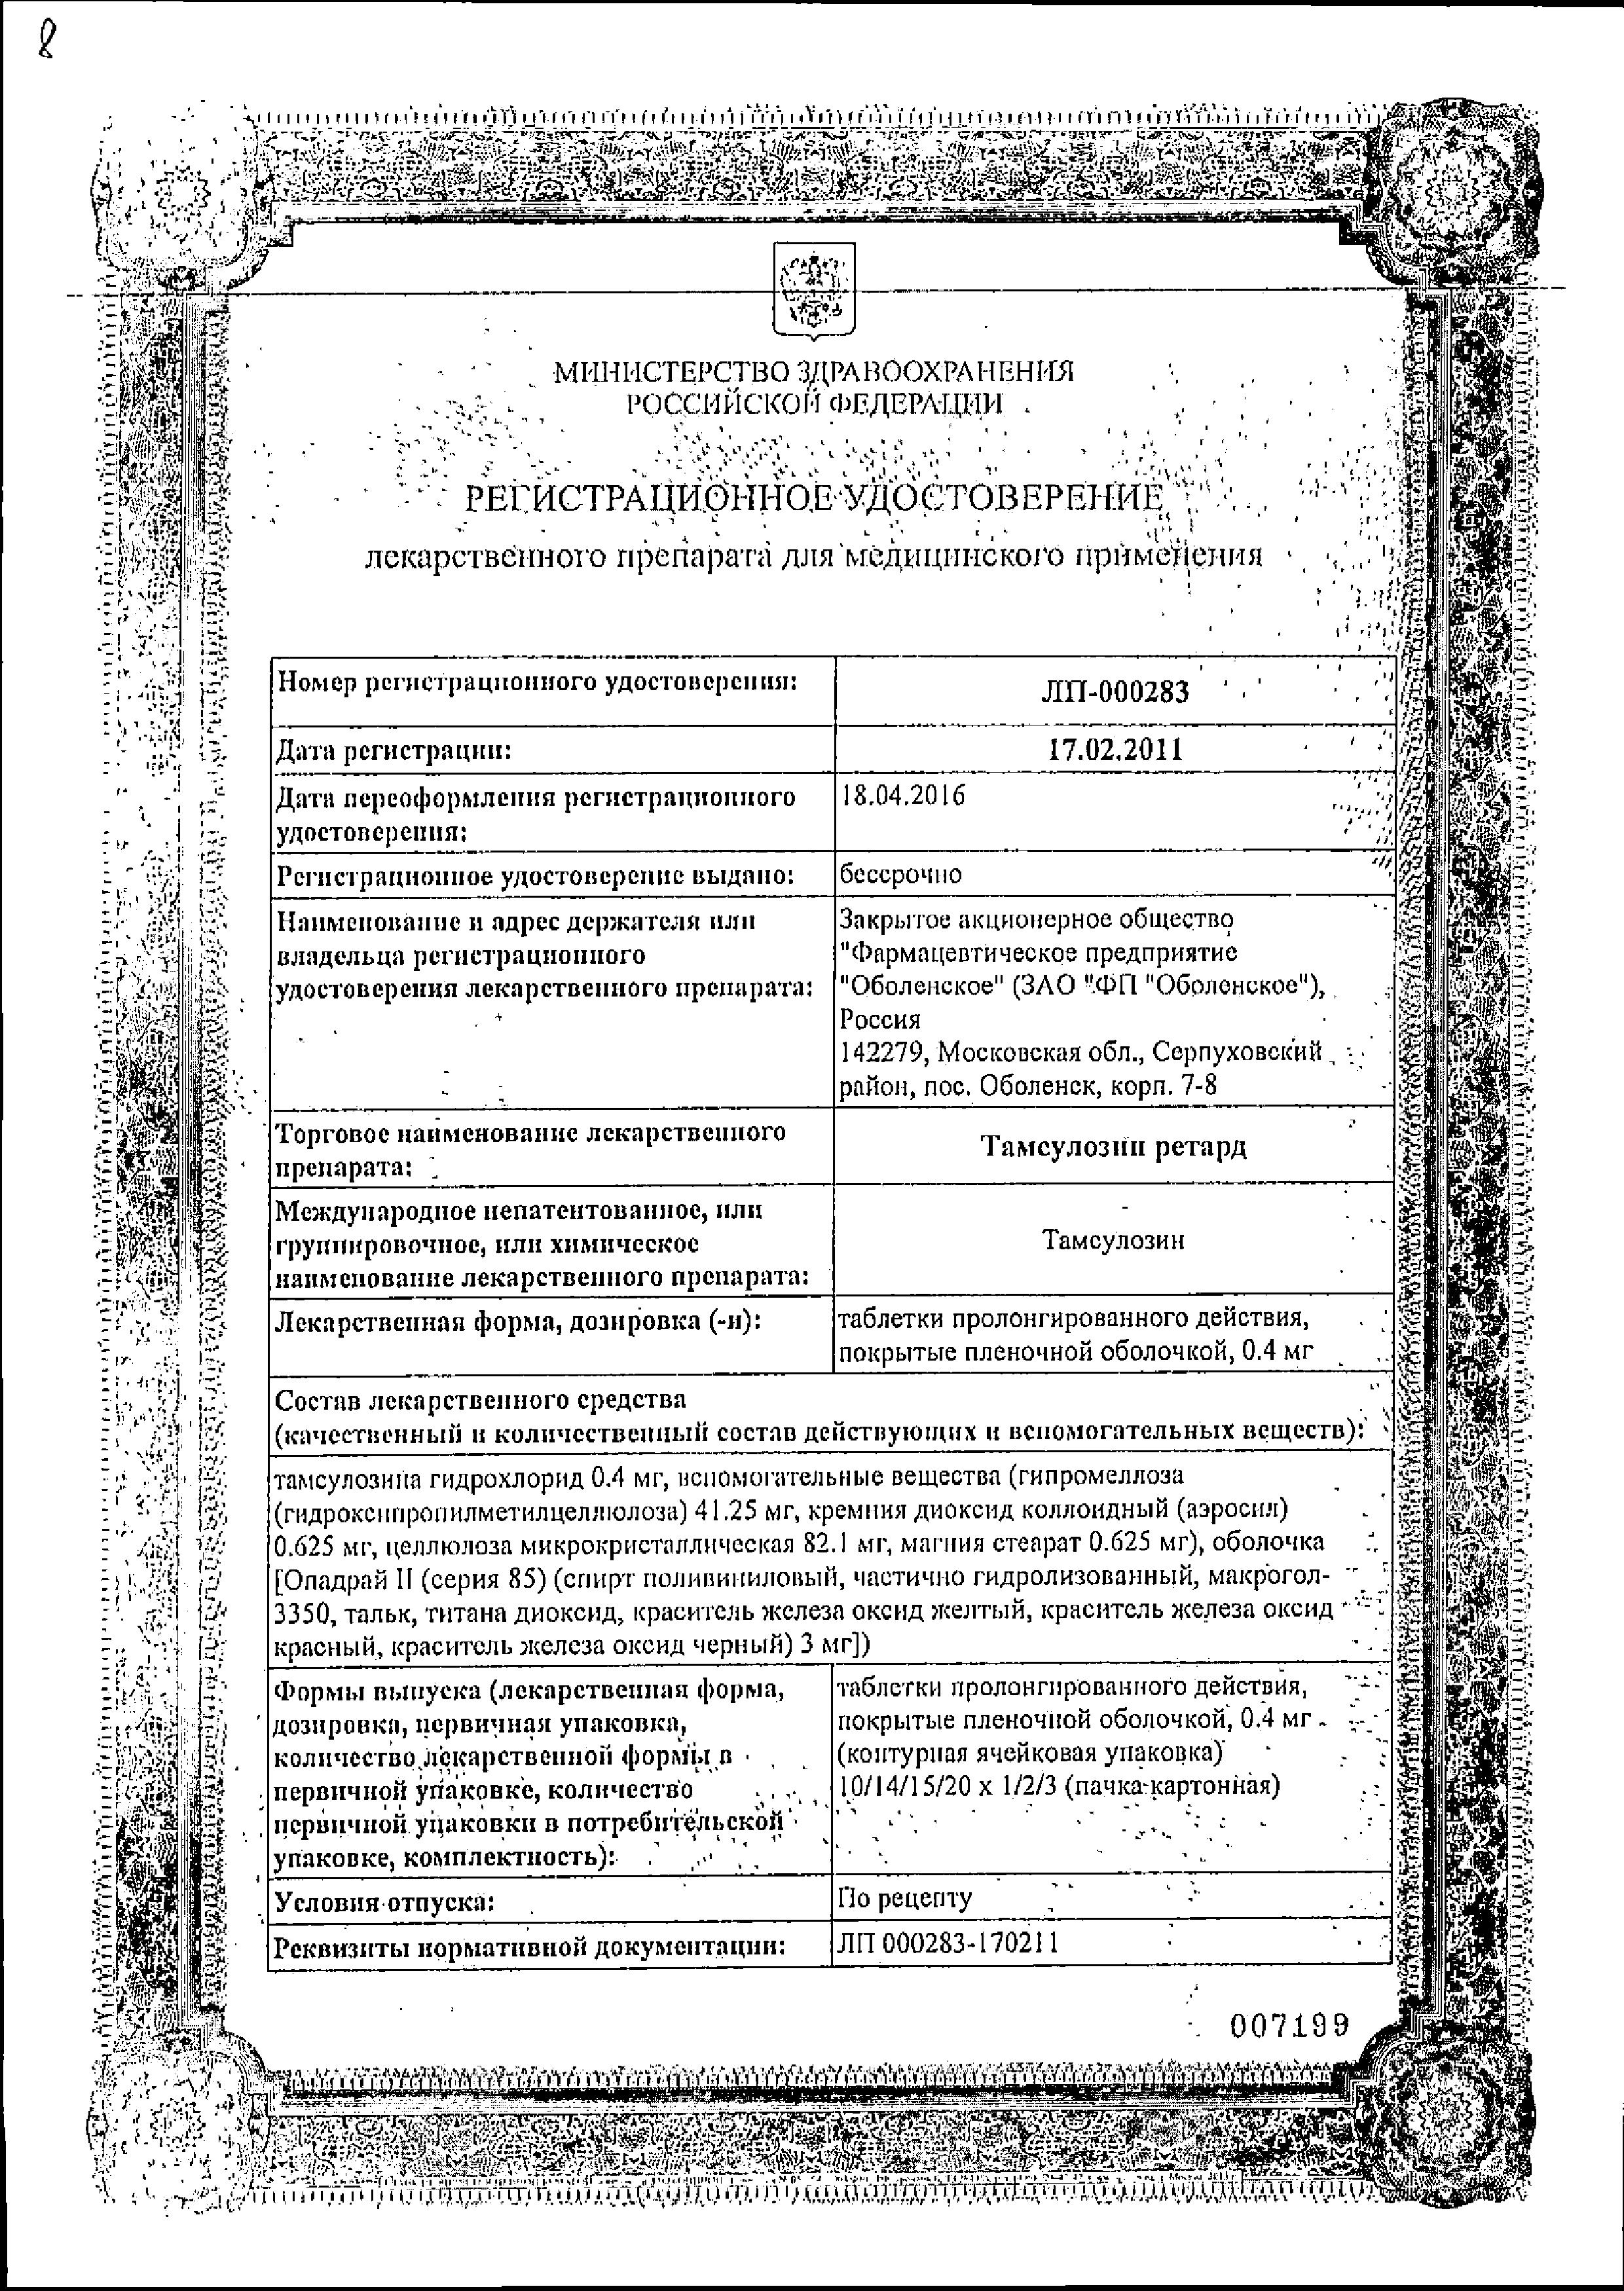 Тамсулозин ретард сертификат